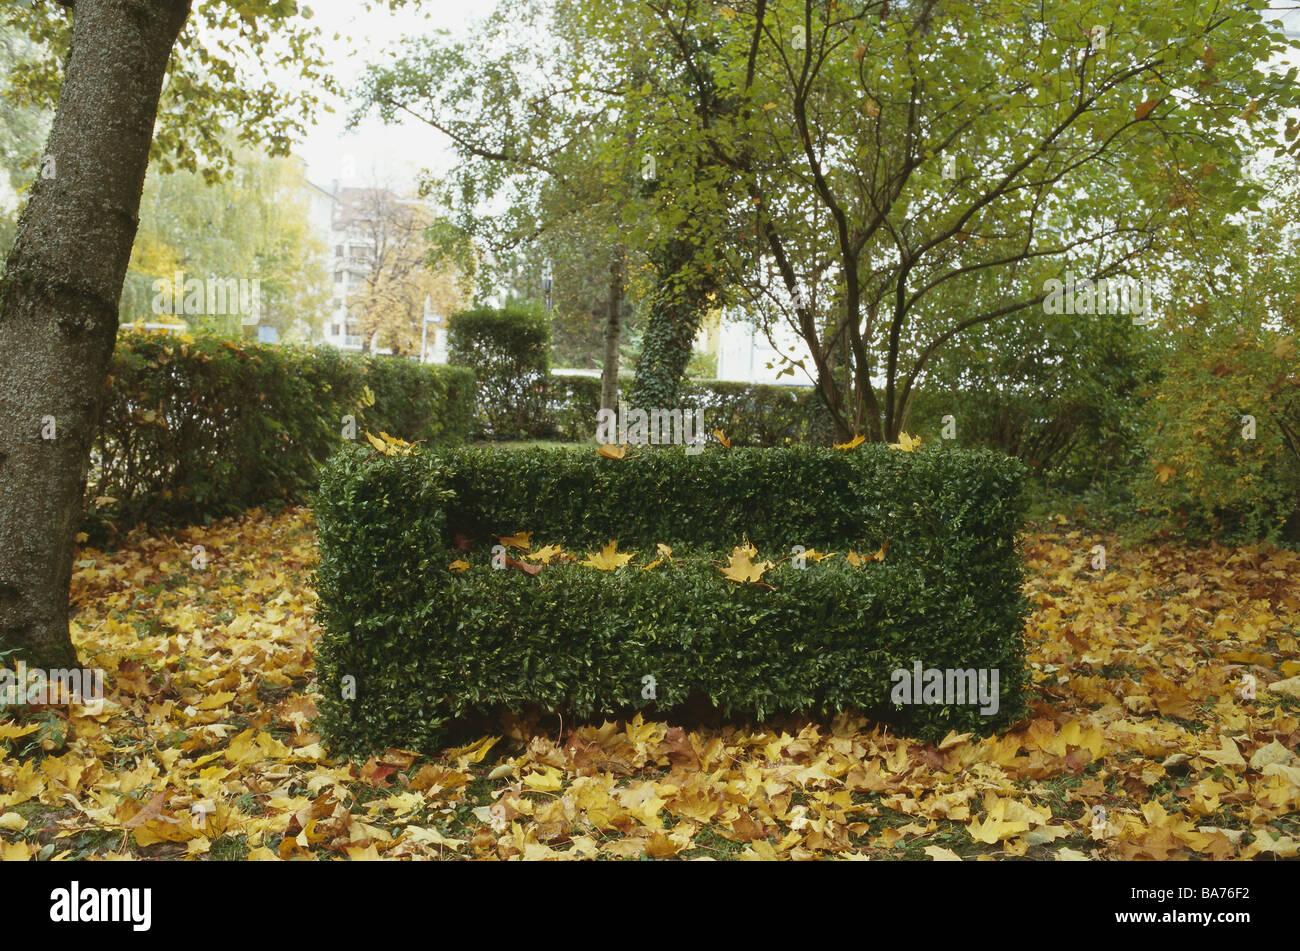 Park Bäume 'Bank' Buch Form geschnittene Kunst Herbst Garten Natur Pflanzen Buchsbaum schneiden Form Stockbild